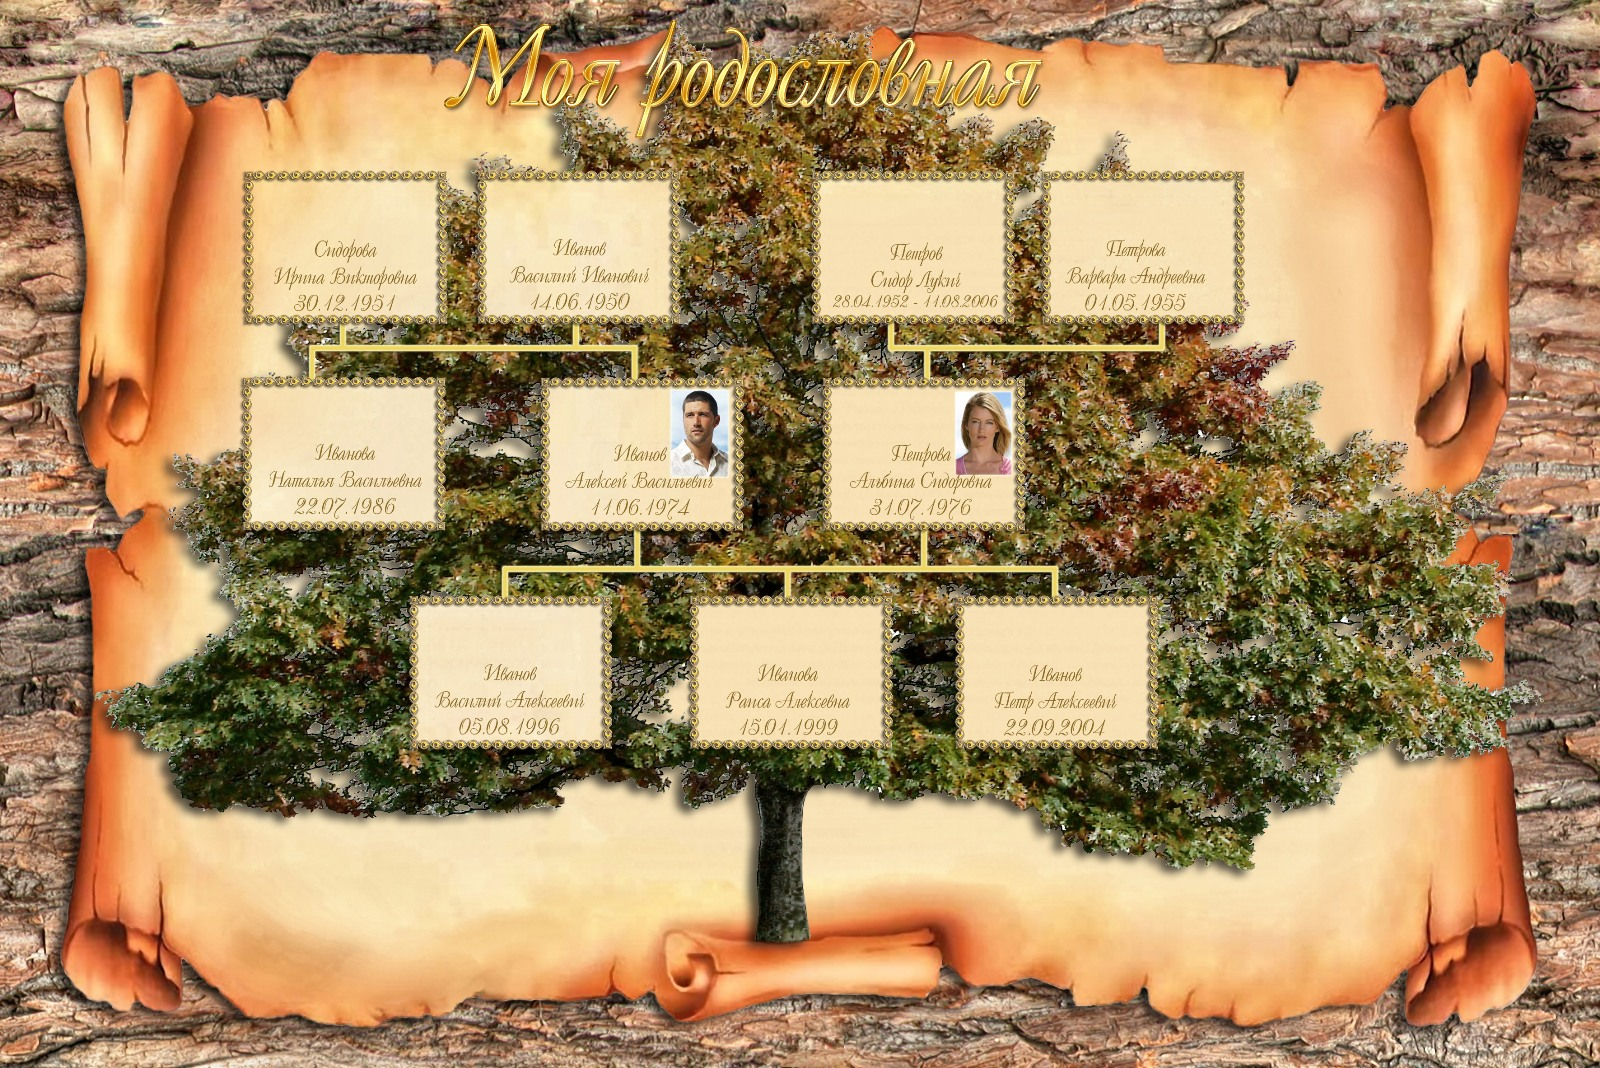 жвец, поздравления на свое древо разговора иваном